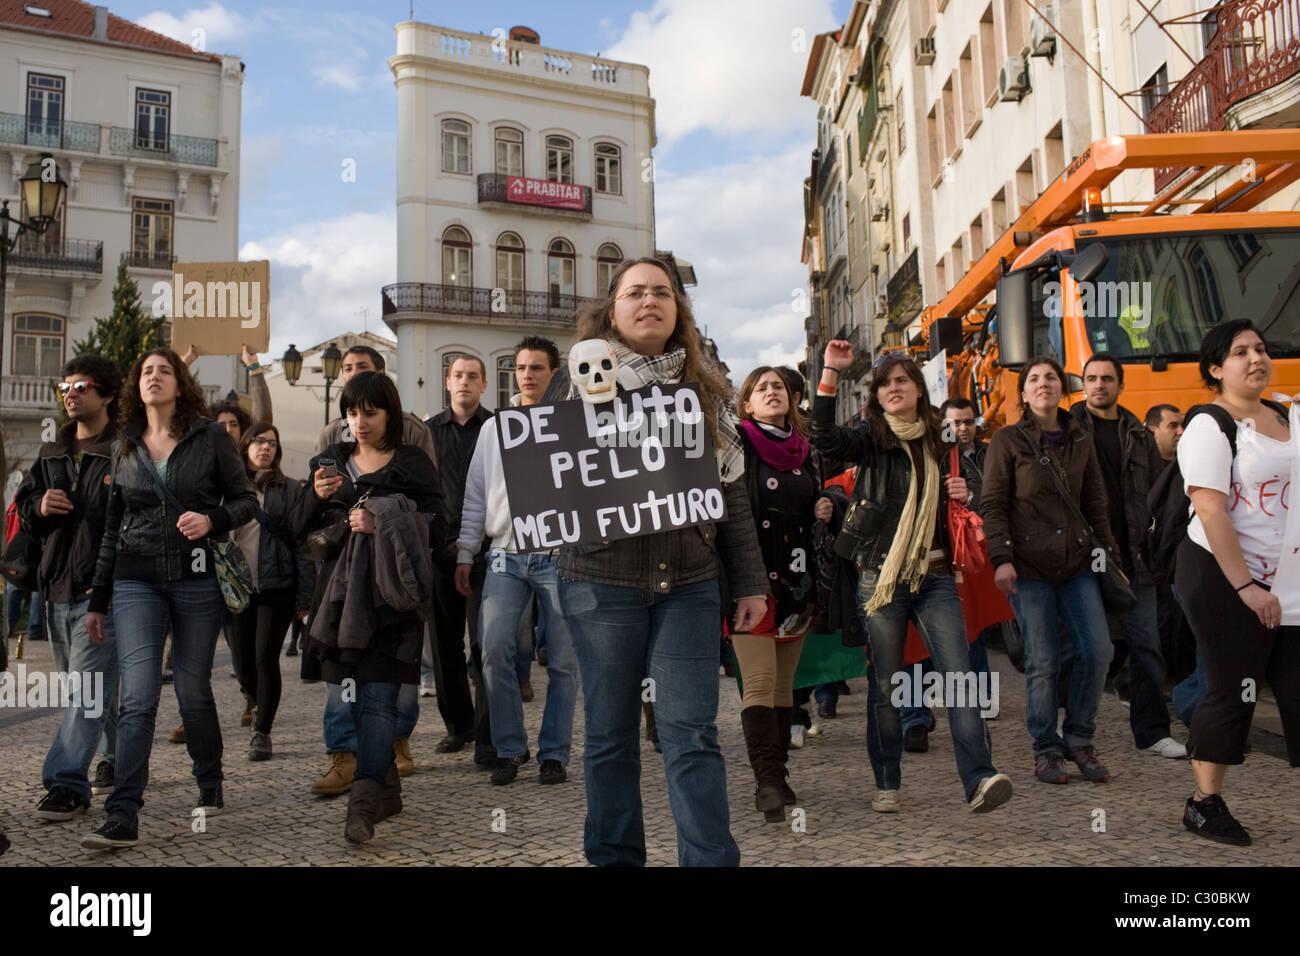 Anti-bank, pro-lavori protesta a Coimbra, Portogallo Immagini Stock